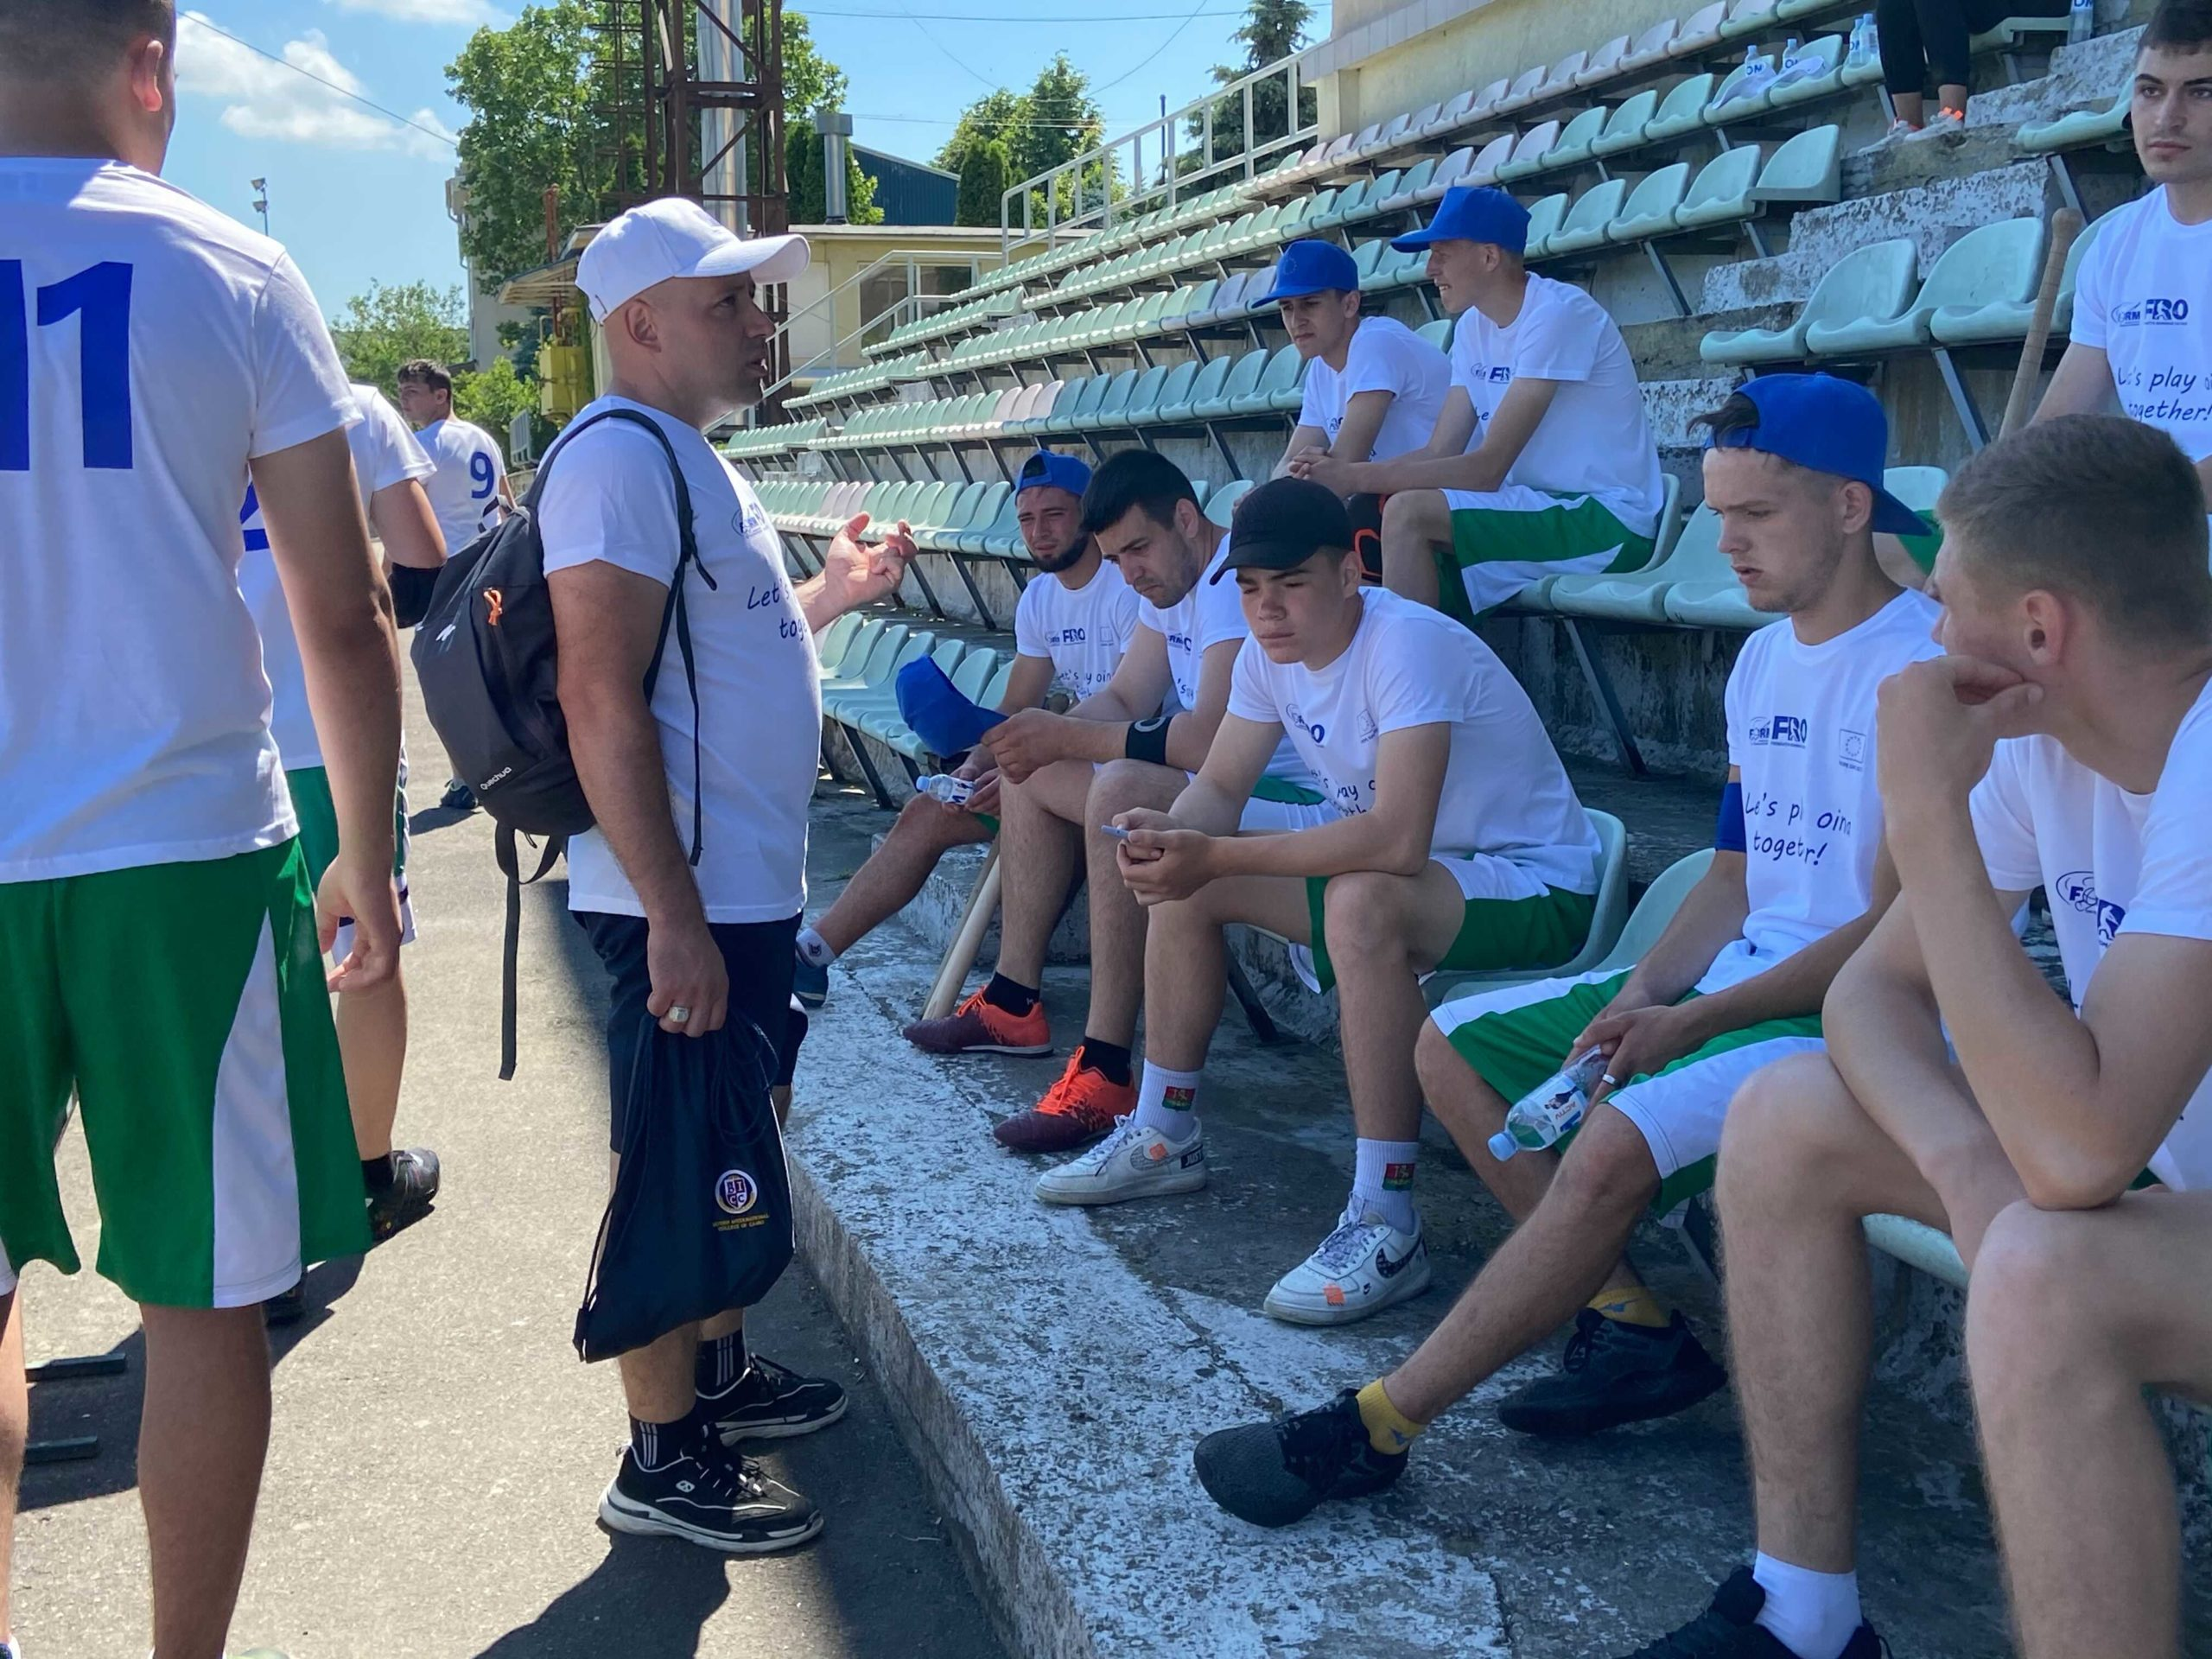 Послы ЕСпровели матч порумынской ойне (ФОТО/ВИДЕО)